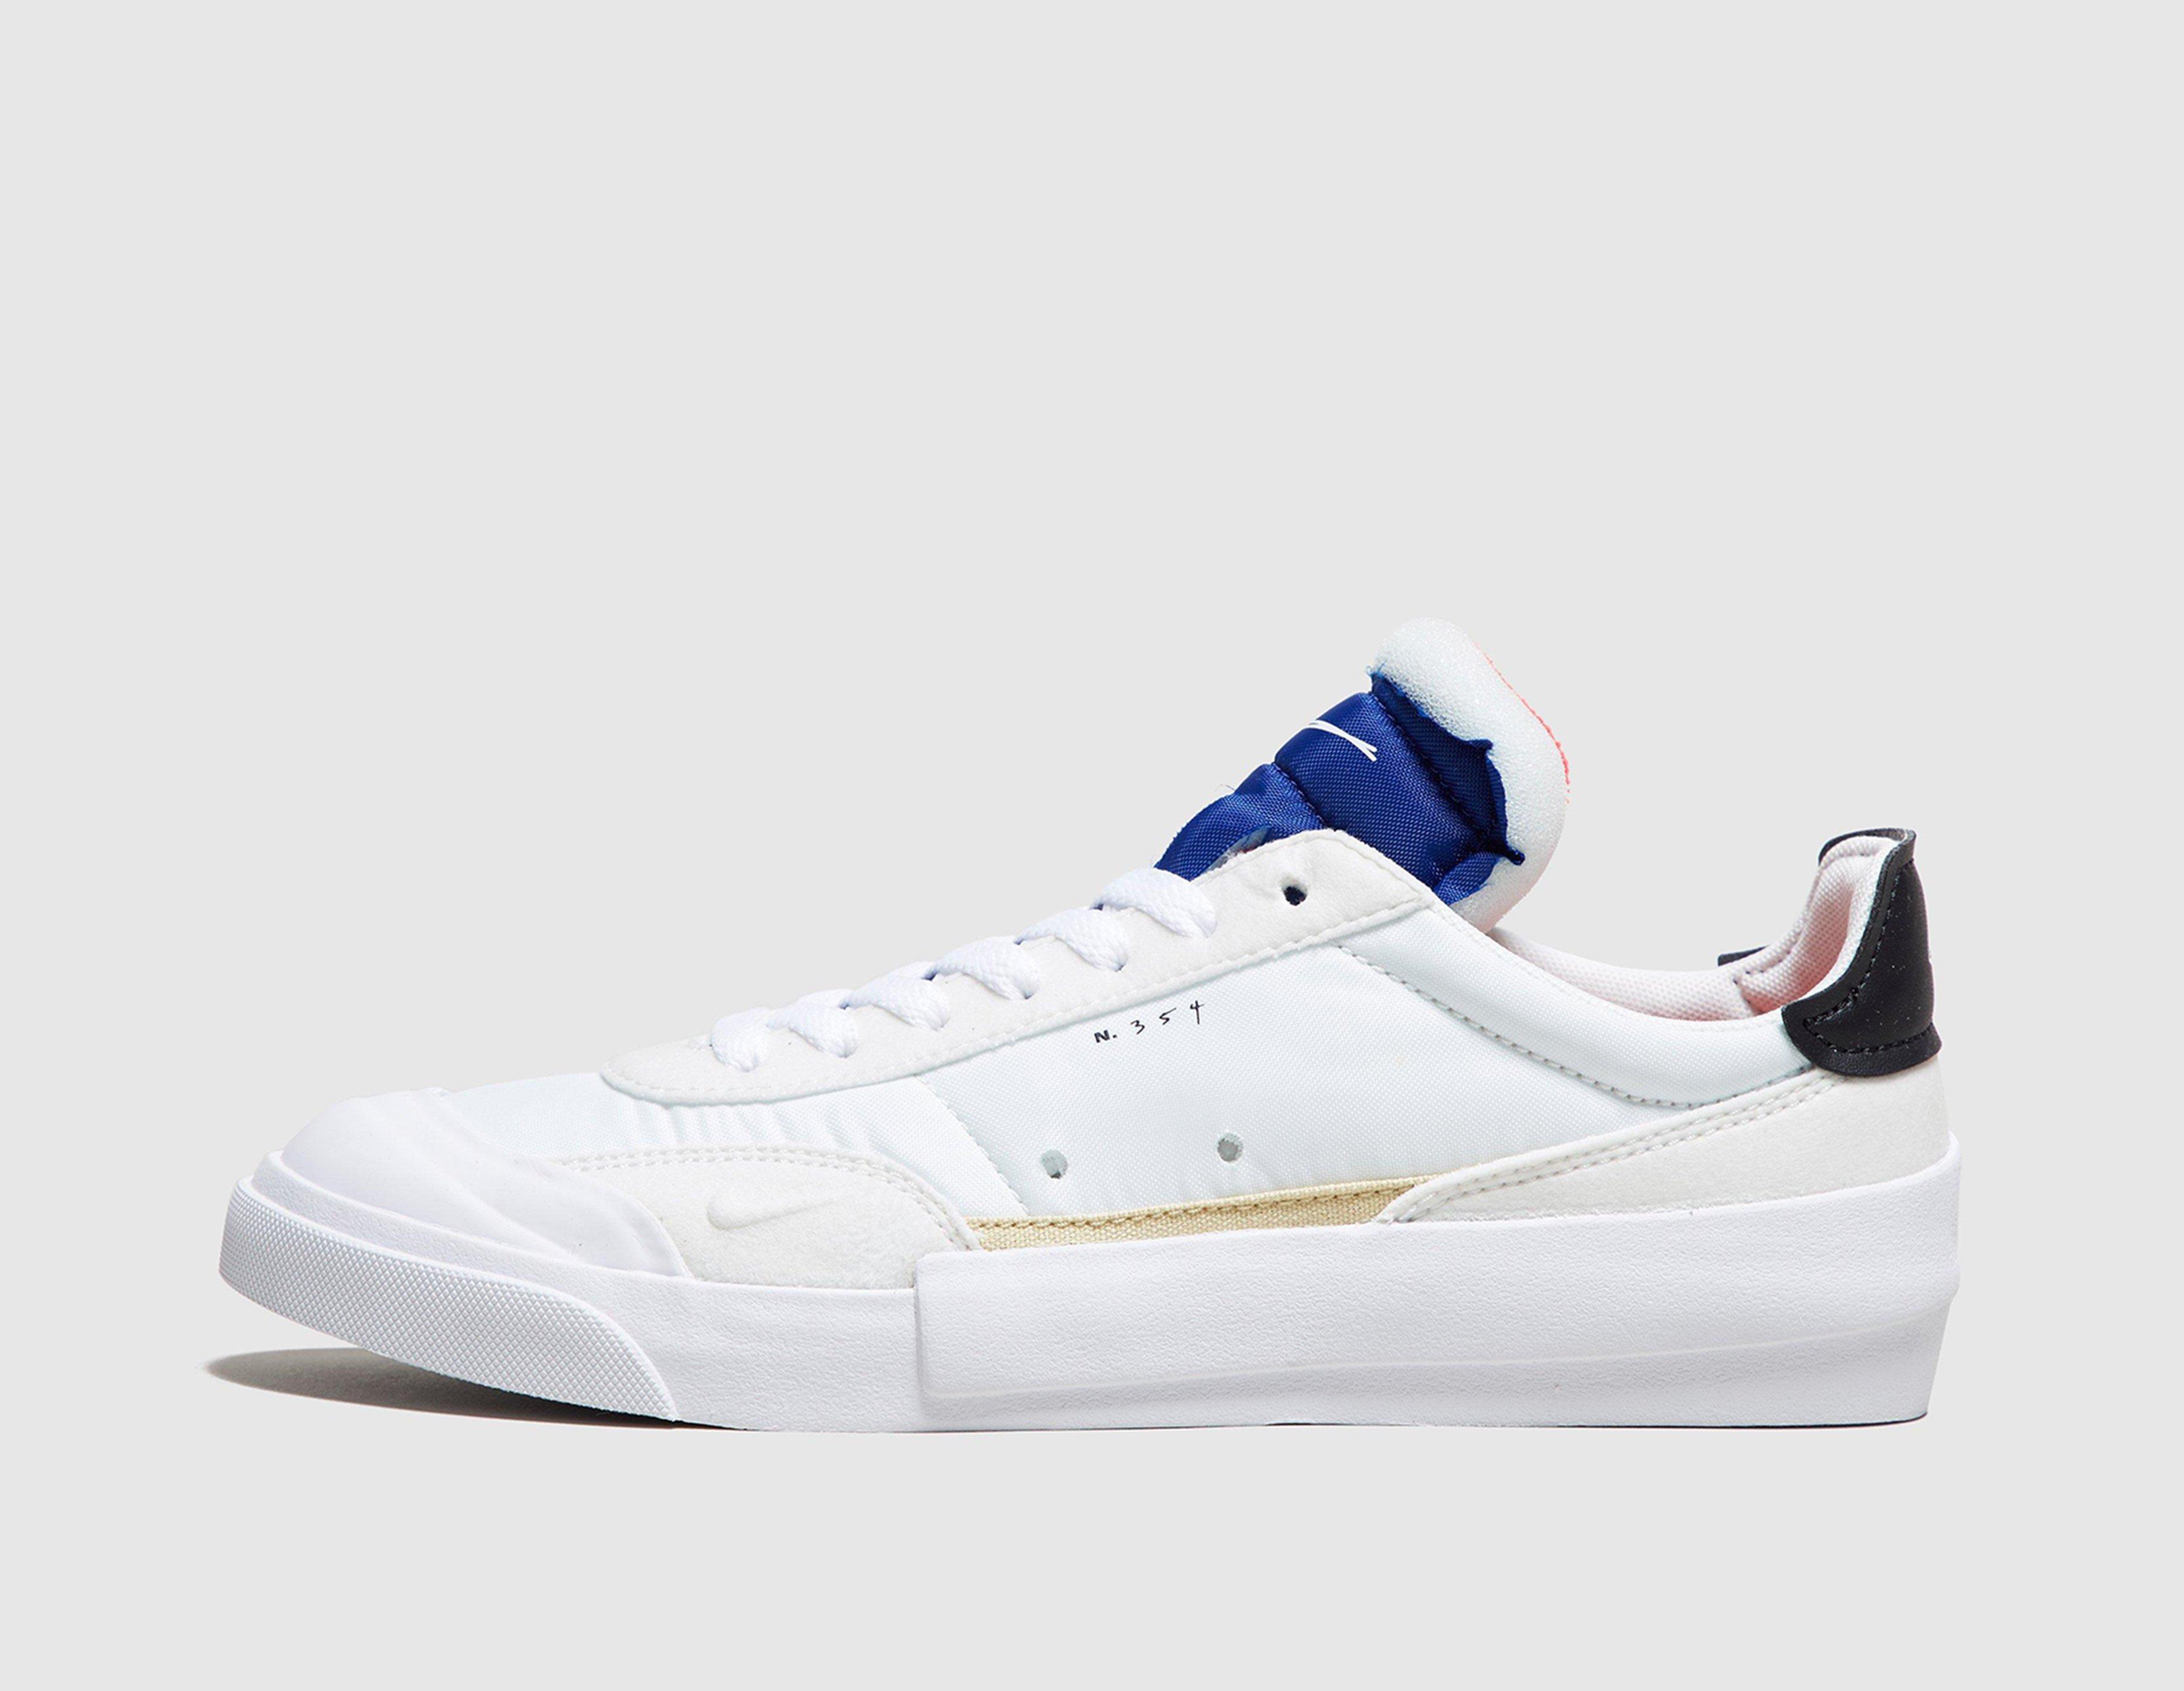 Nike N. 354 Drop Type LX Femme   Size?